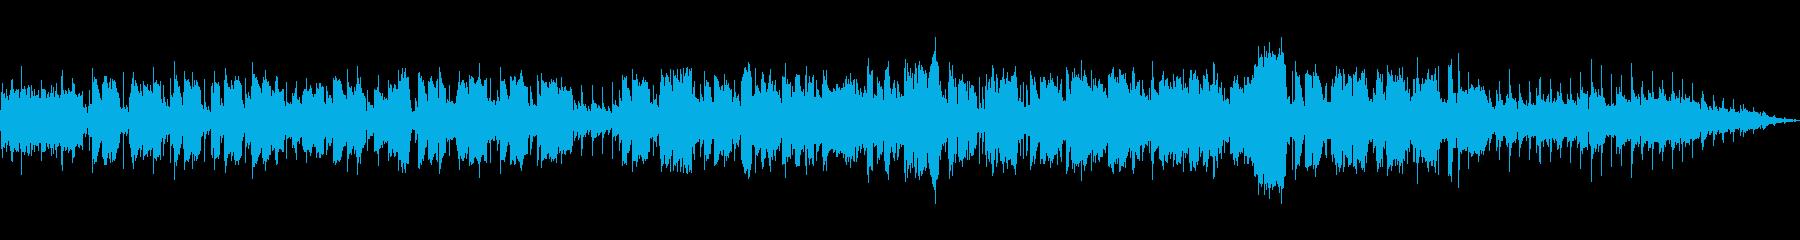 食・歌・愛をカンツォーネで謳歌の再生済みの波形